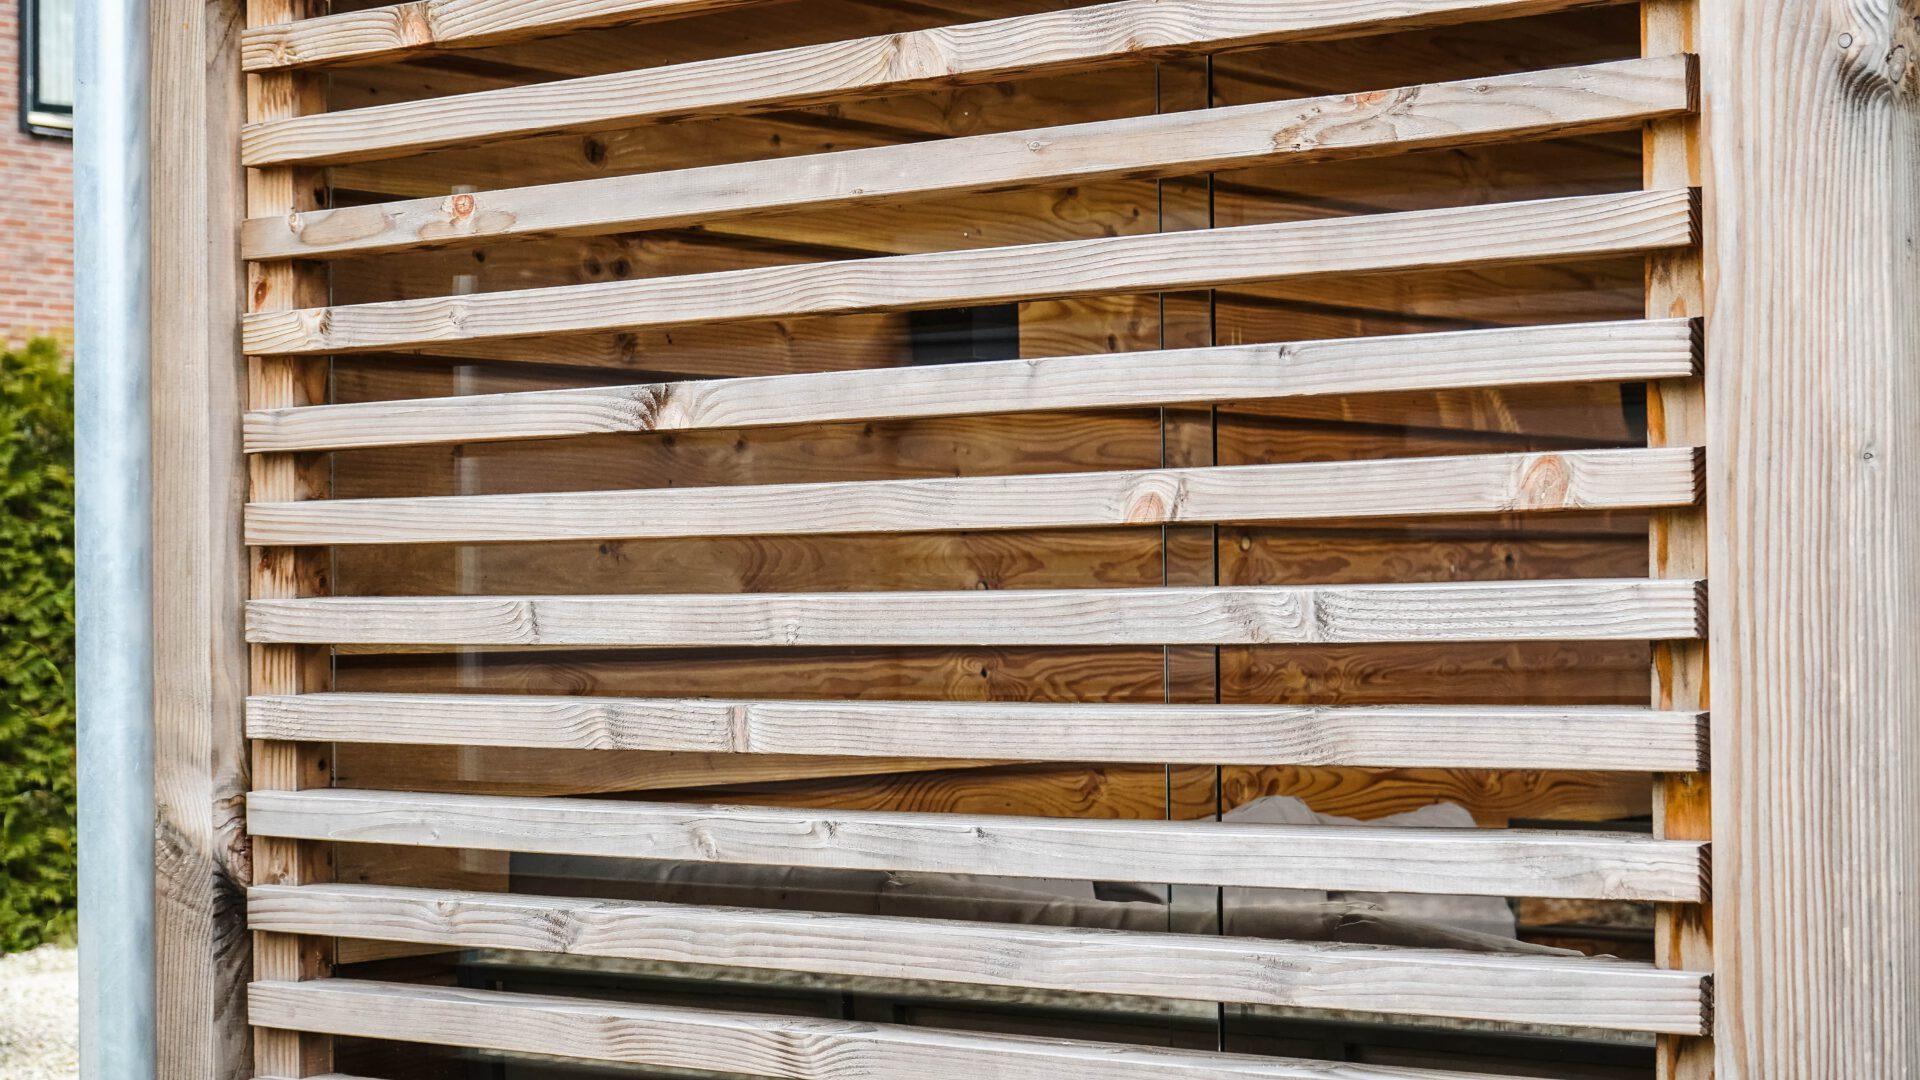 Buitenverblijf-tuinhuis-aanbouw-hout